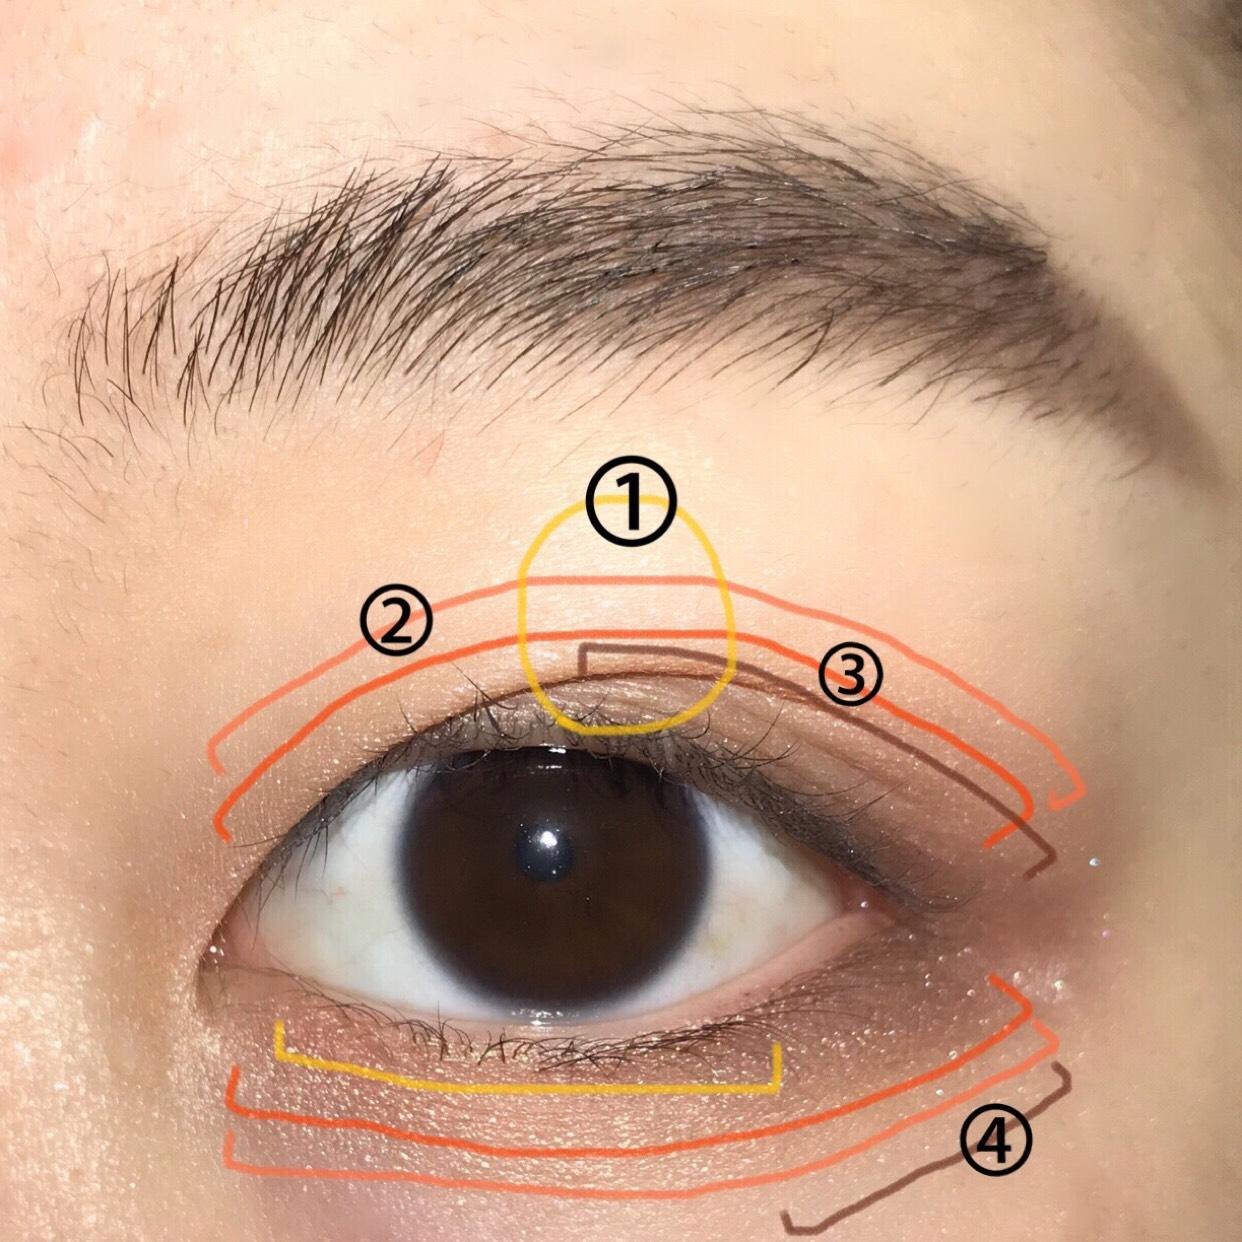 そして、YSLのアイシャドウの左上のベージュコーラルカラーを②の部分(アイホール全体と下まぶた全体)に。 左下のコーラルカラーを③の部分(上瞼の二重幅少し広めと下まぶた全体)に♪ 締め色に右下のブラウンカラーを④の部分(上瞼の目尻から中心にかけてと、下瞼1/3)に入れます☺︎ 最後に、右上の大粒のキラキラのラメを①の部分(涙袋と上瞼の中心)に入れます…♡